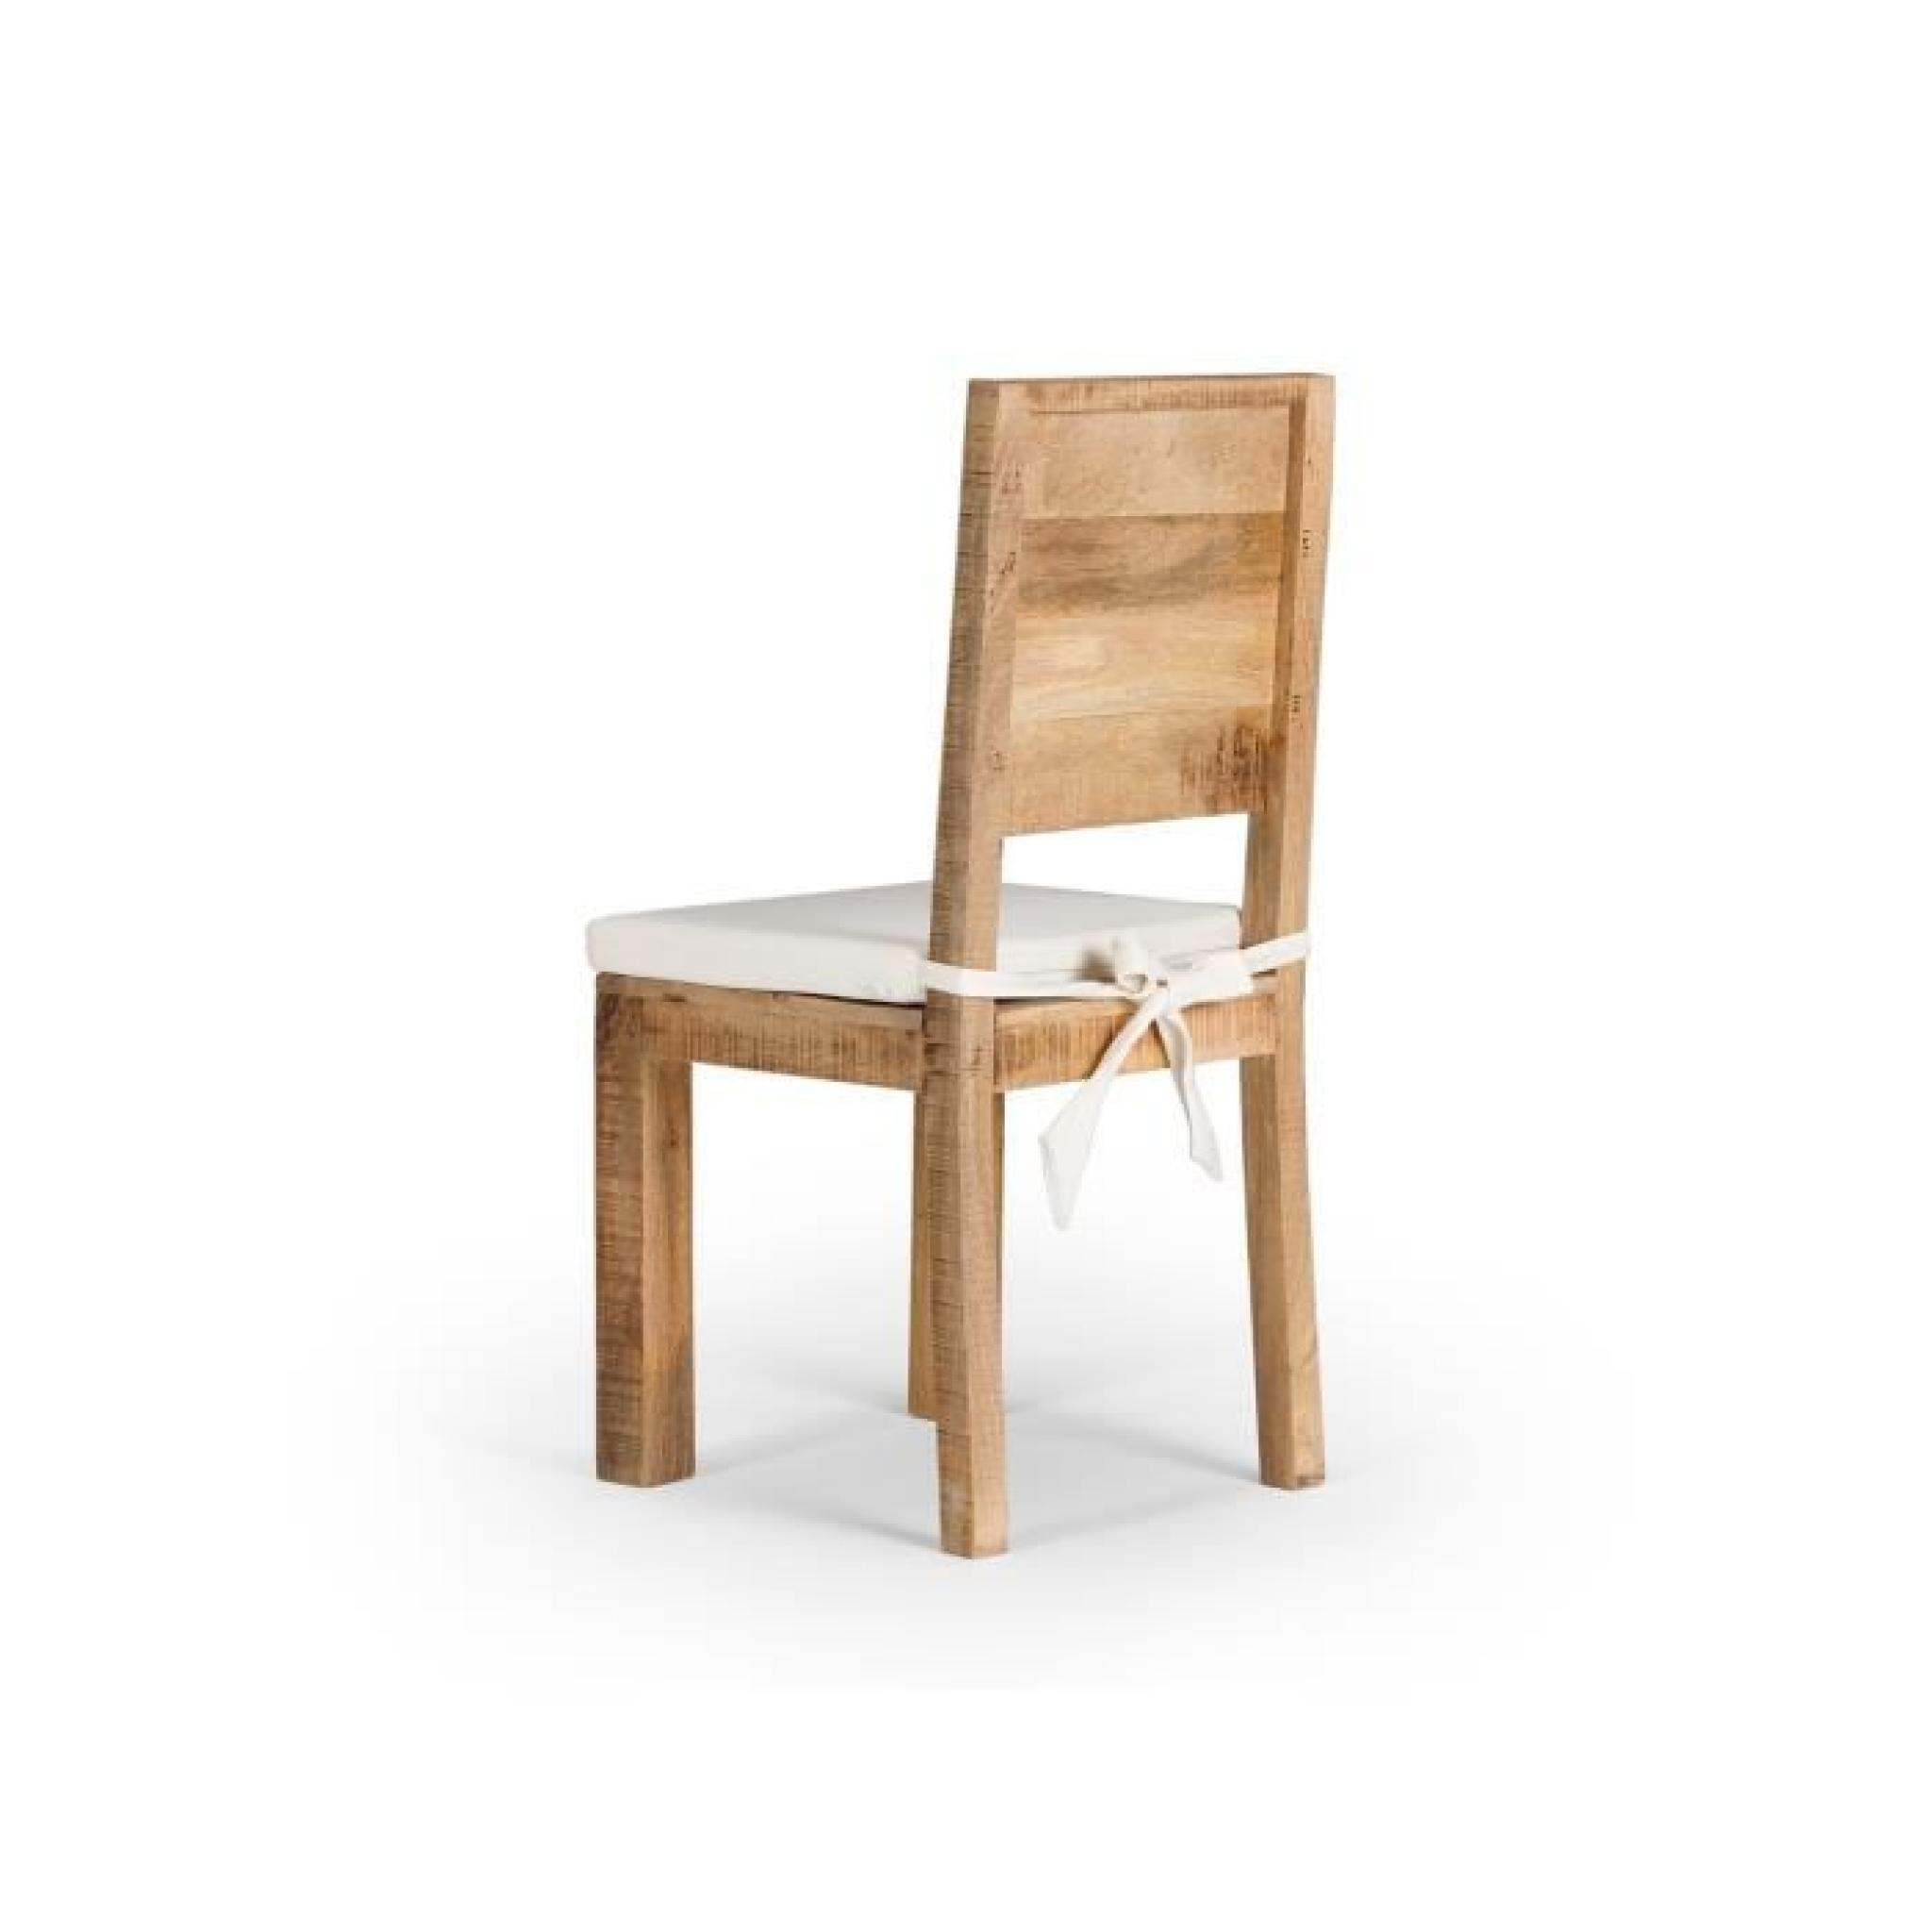 Chaise chennai en bois de manguier massif achat vente chaise salle a manger - Commander a manger pas cher ...